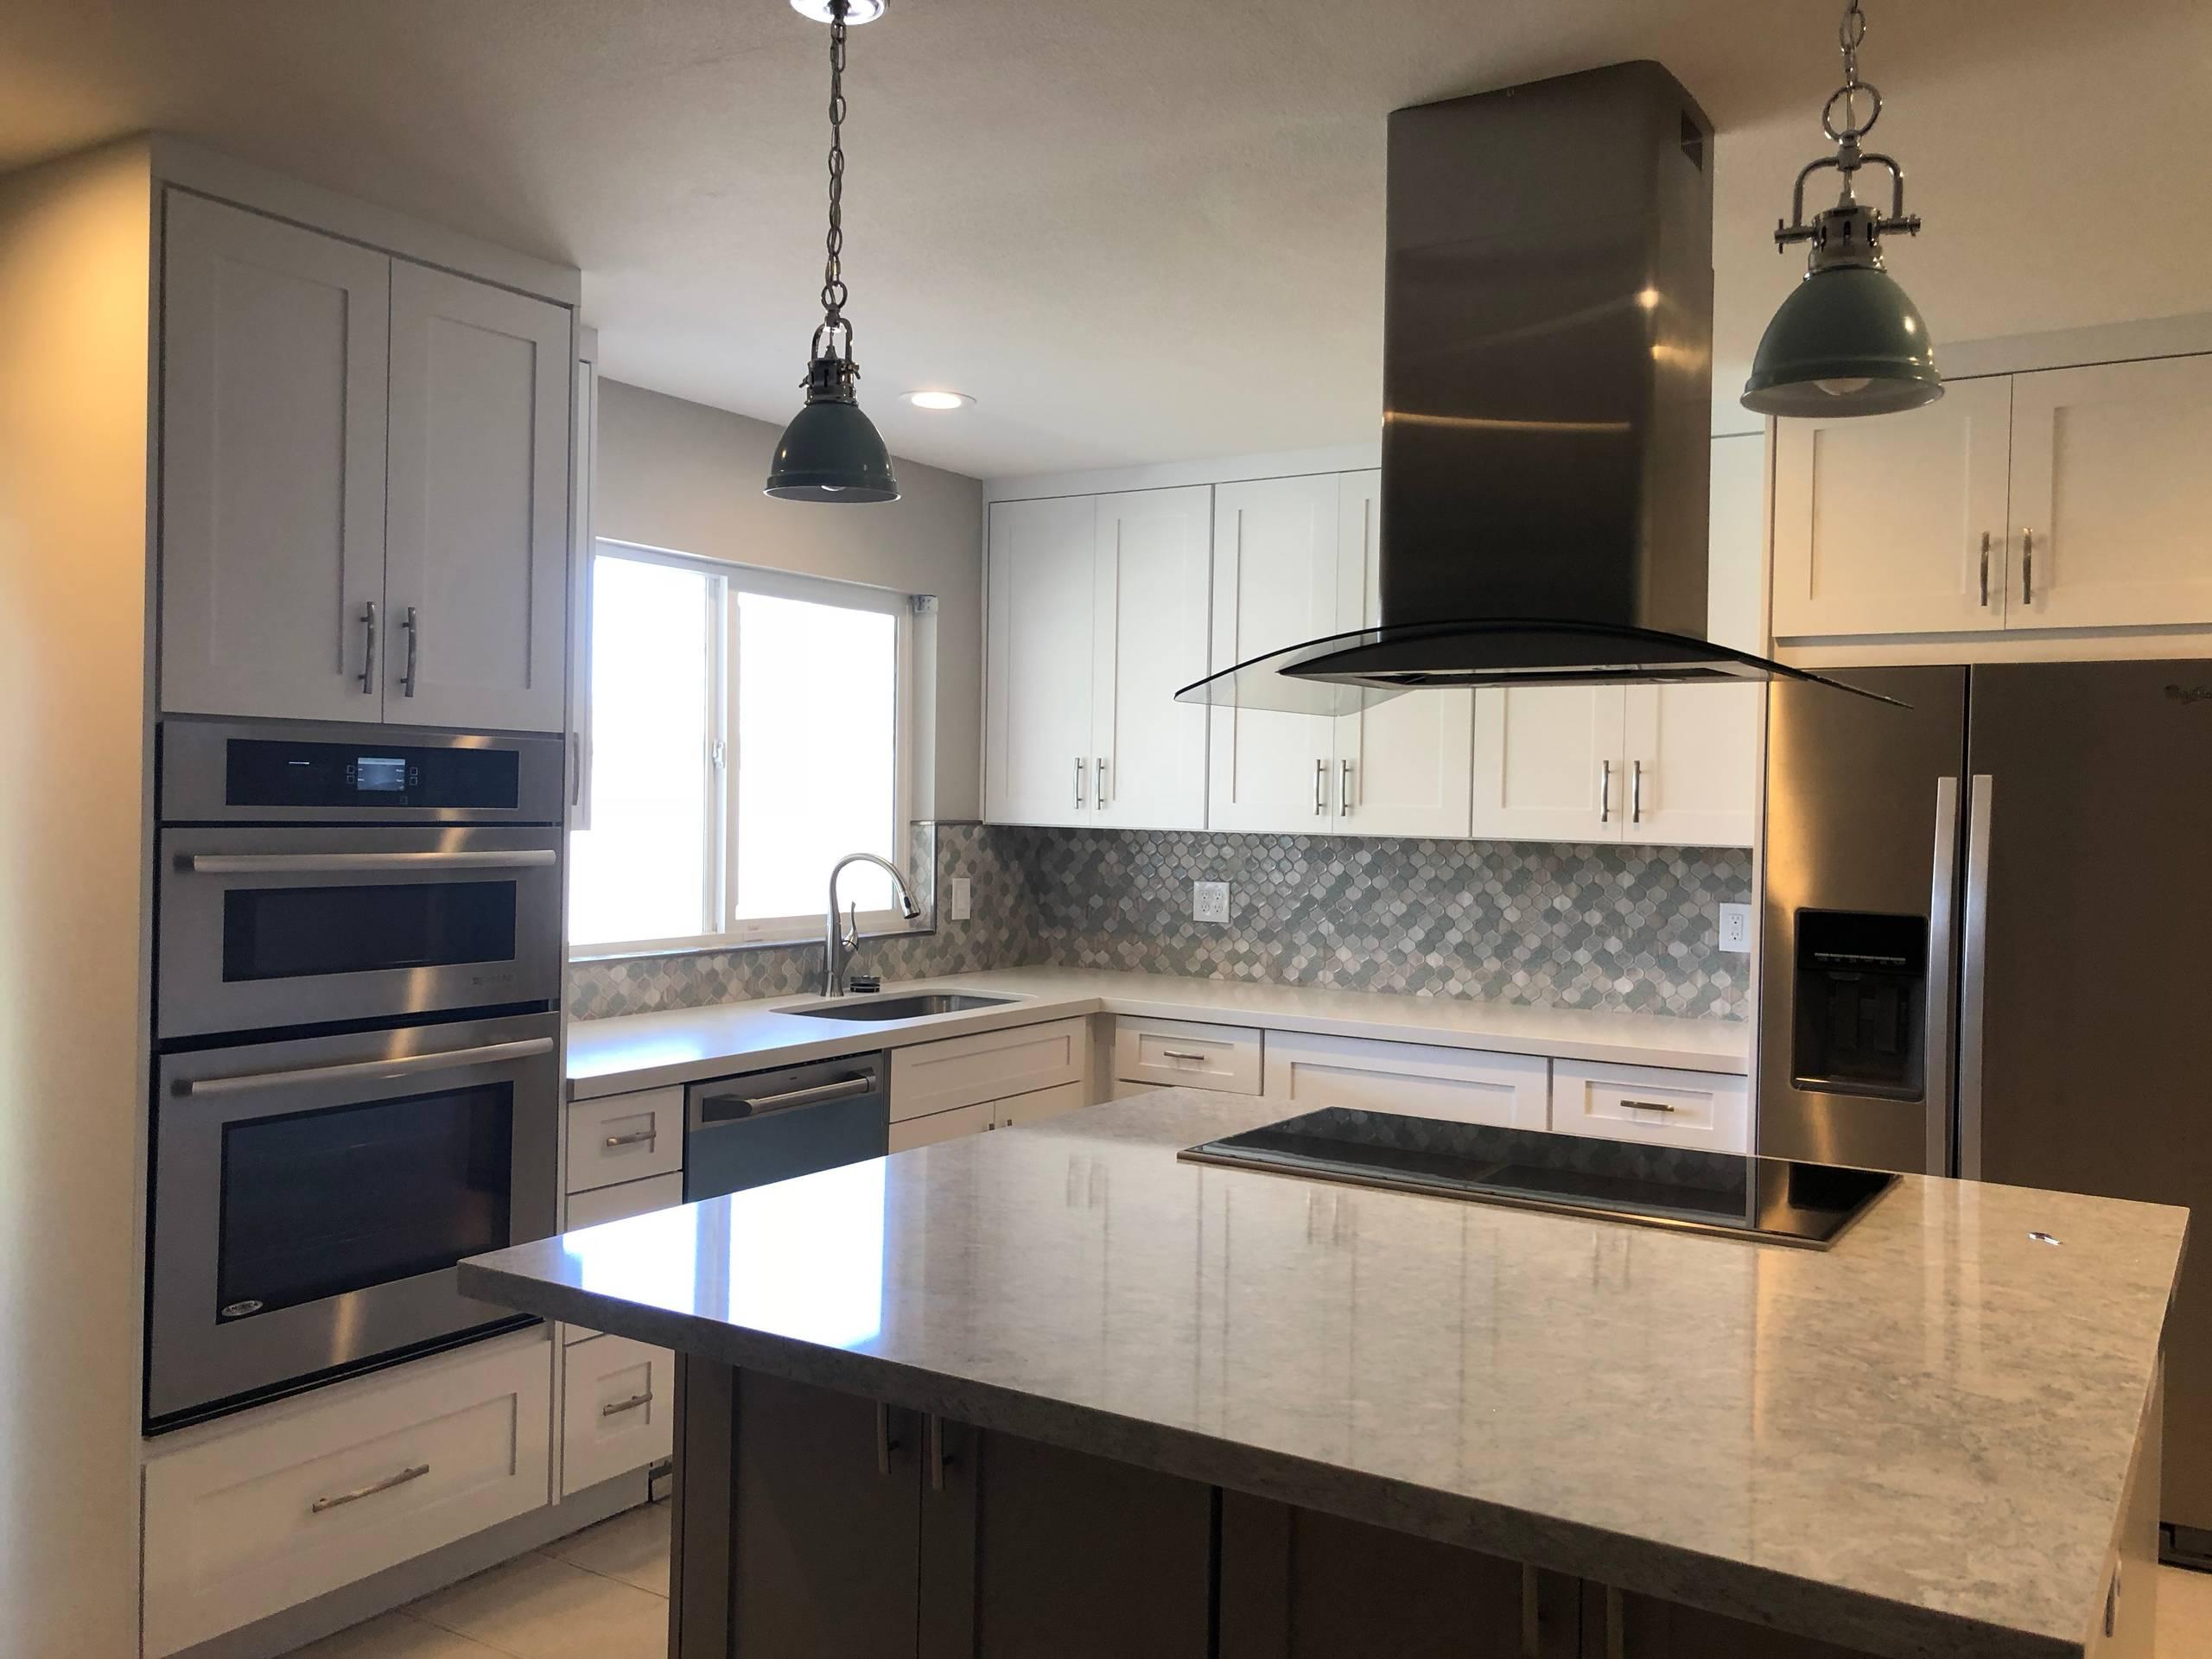 Serene and modern kitchen